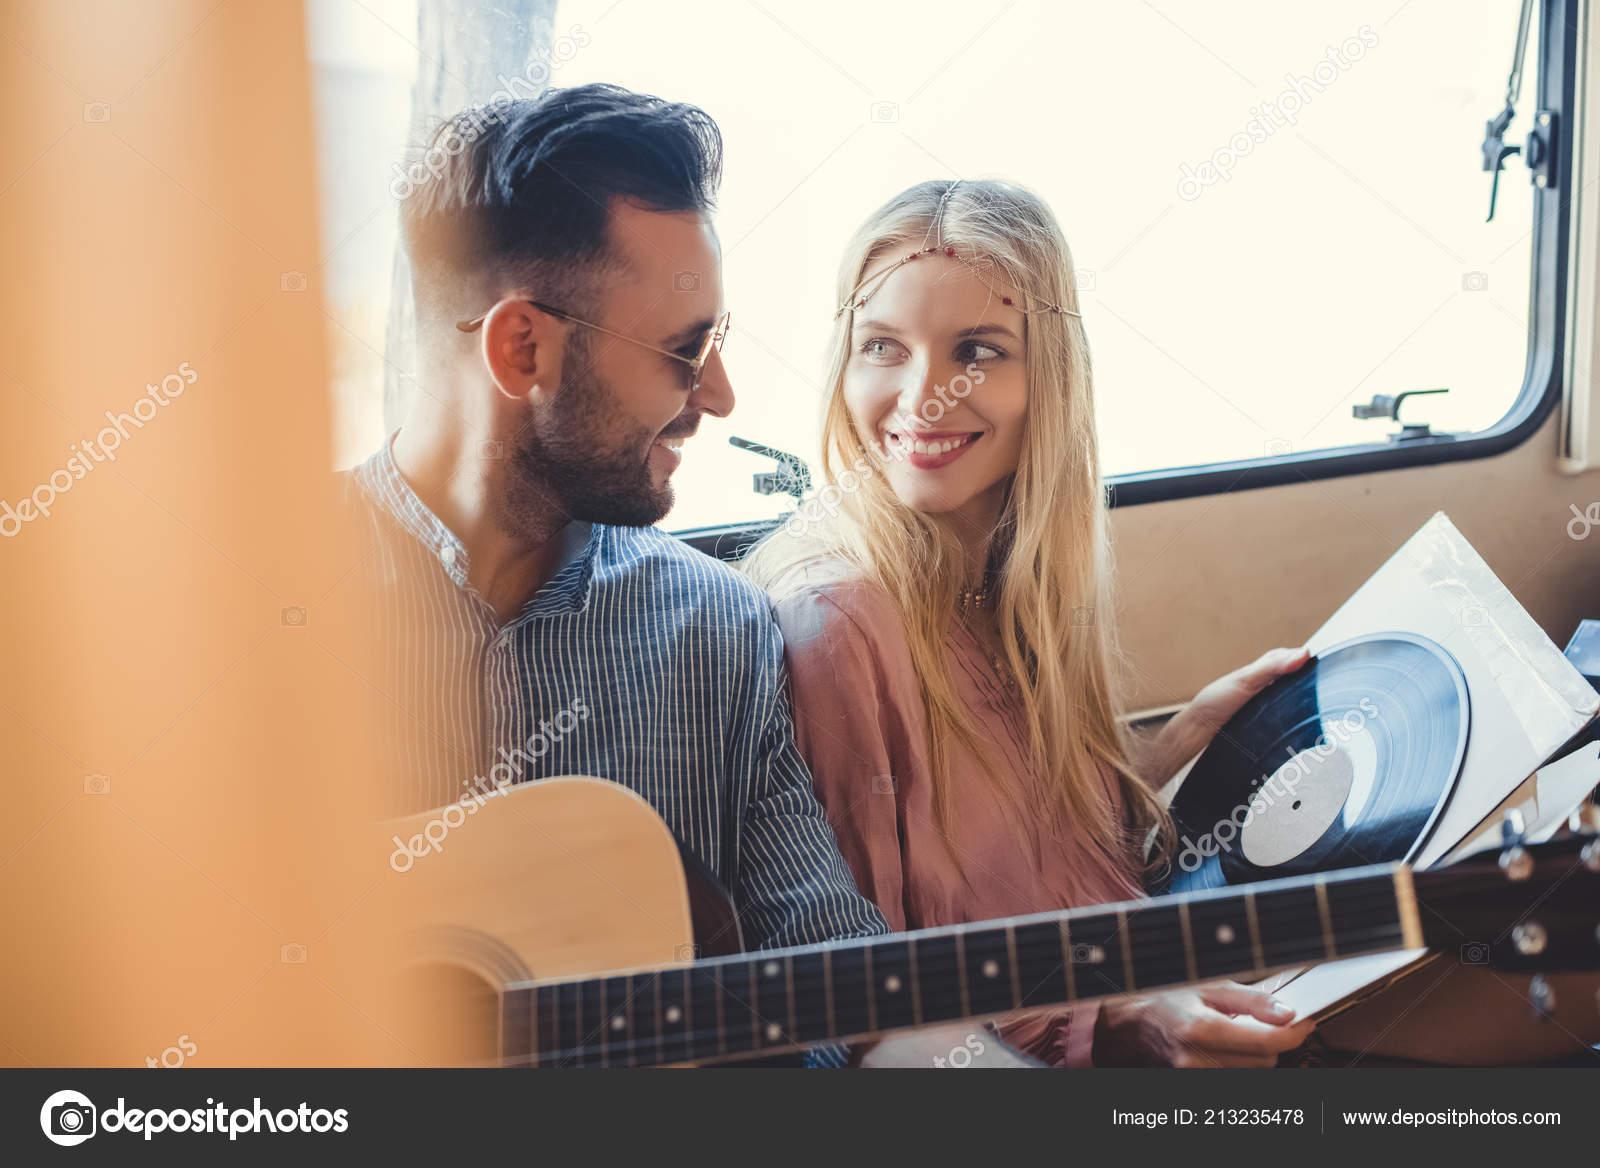 couple belle hippie repos intrieur remorque avec rendu acoustique guitare photo